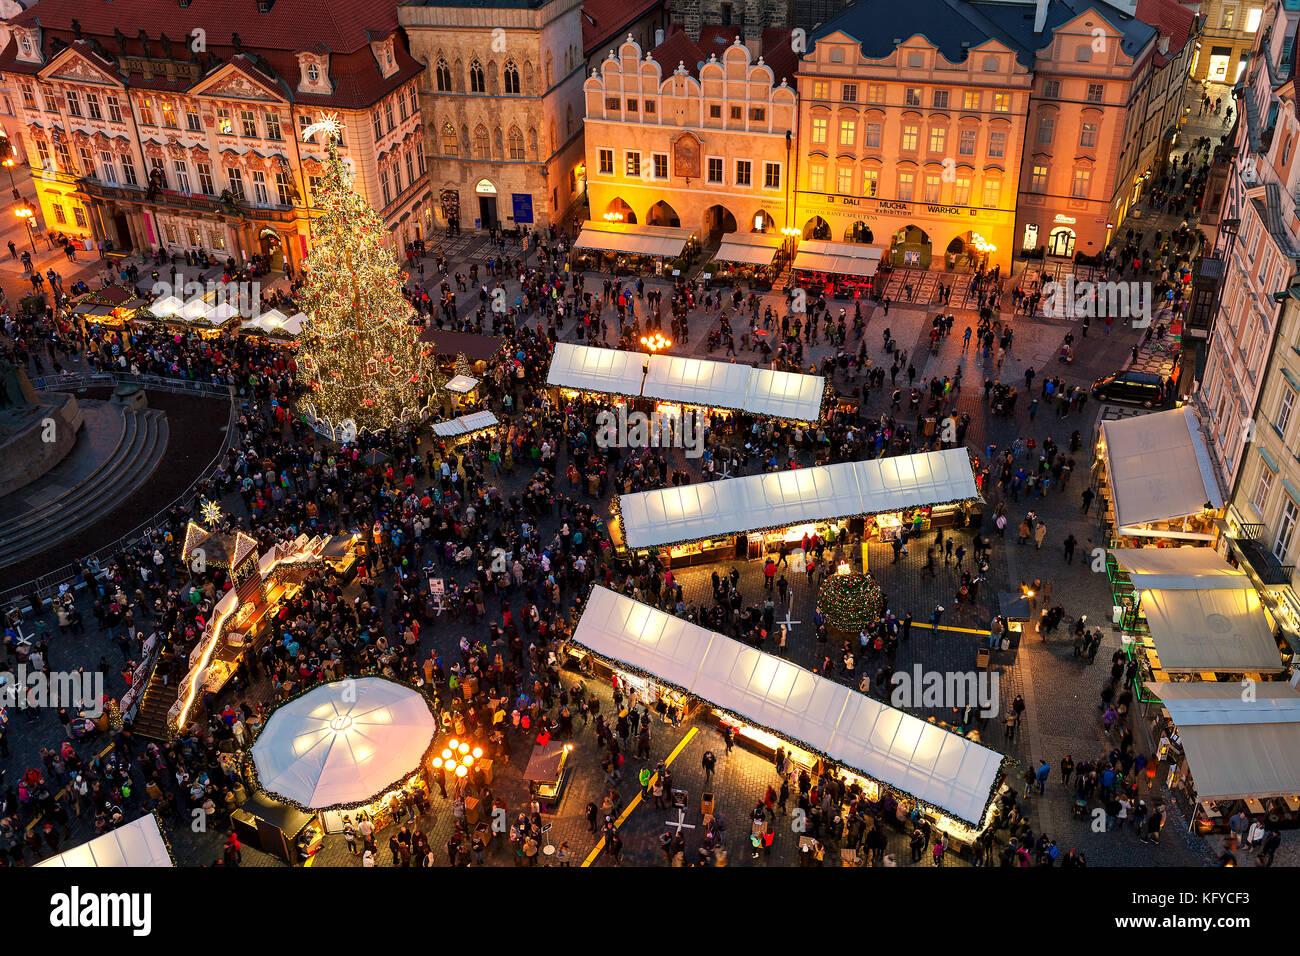 Praga, República Checa - Diciembre 11, 2016: Vista desde arriba en el famoso mercado navideño en la Plaza Imagen De Stock